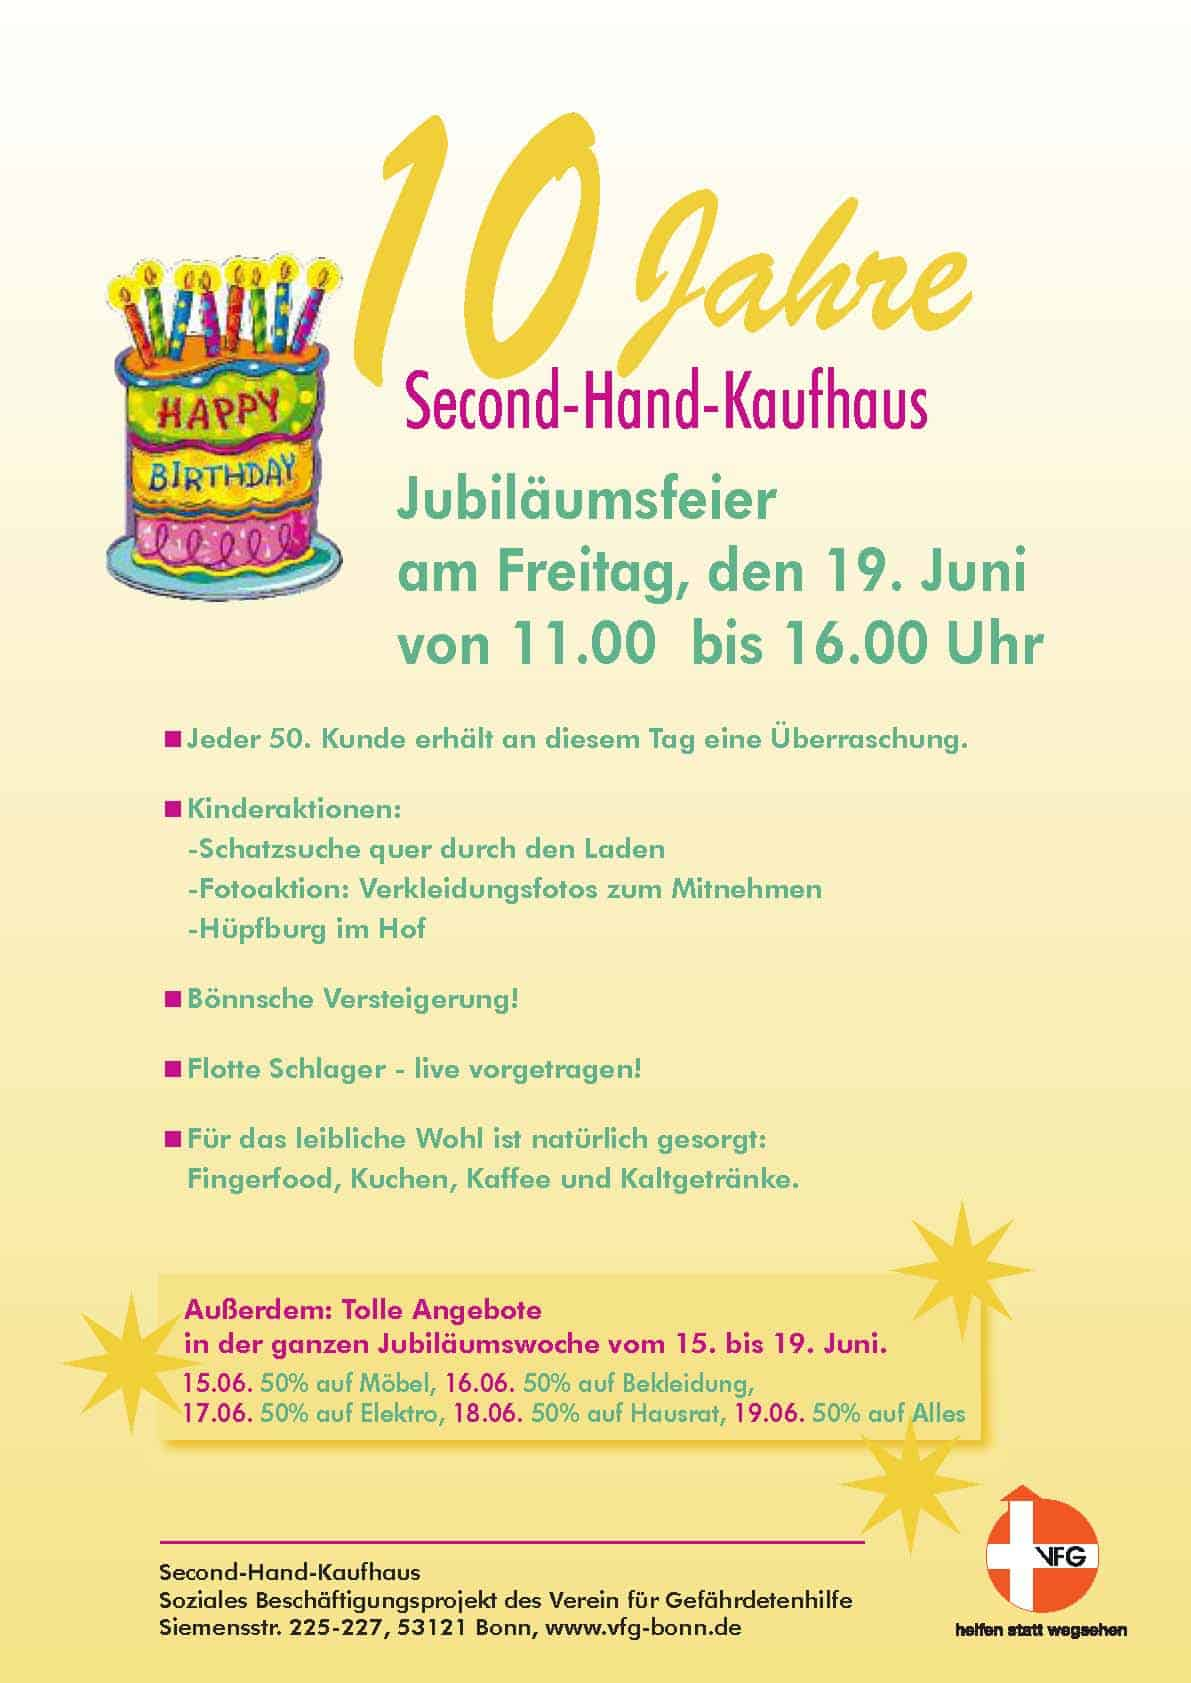 vfg | 10 jahre vfg second-hand kaufhaus, Einladung